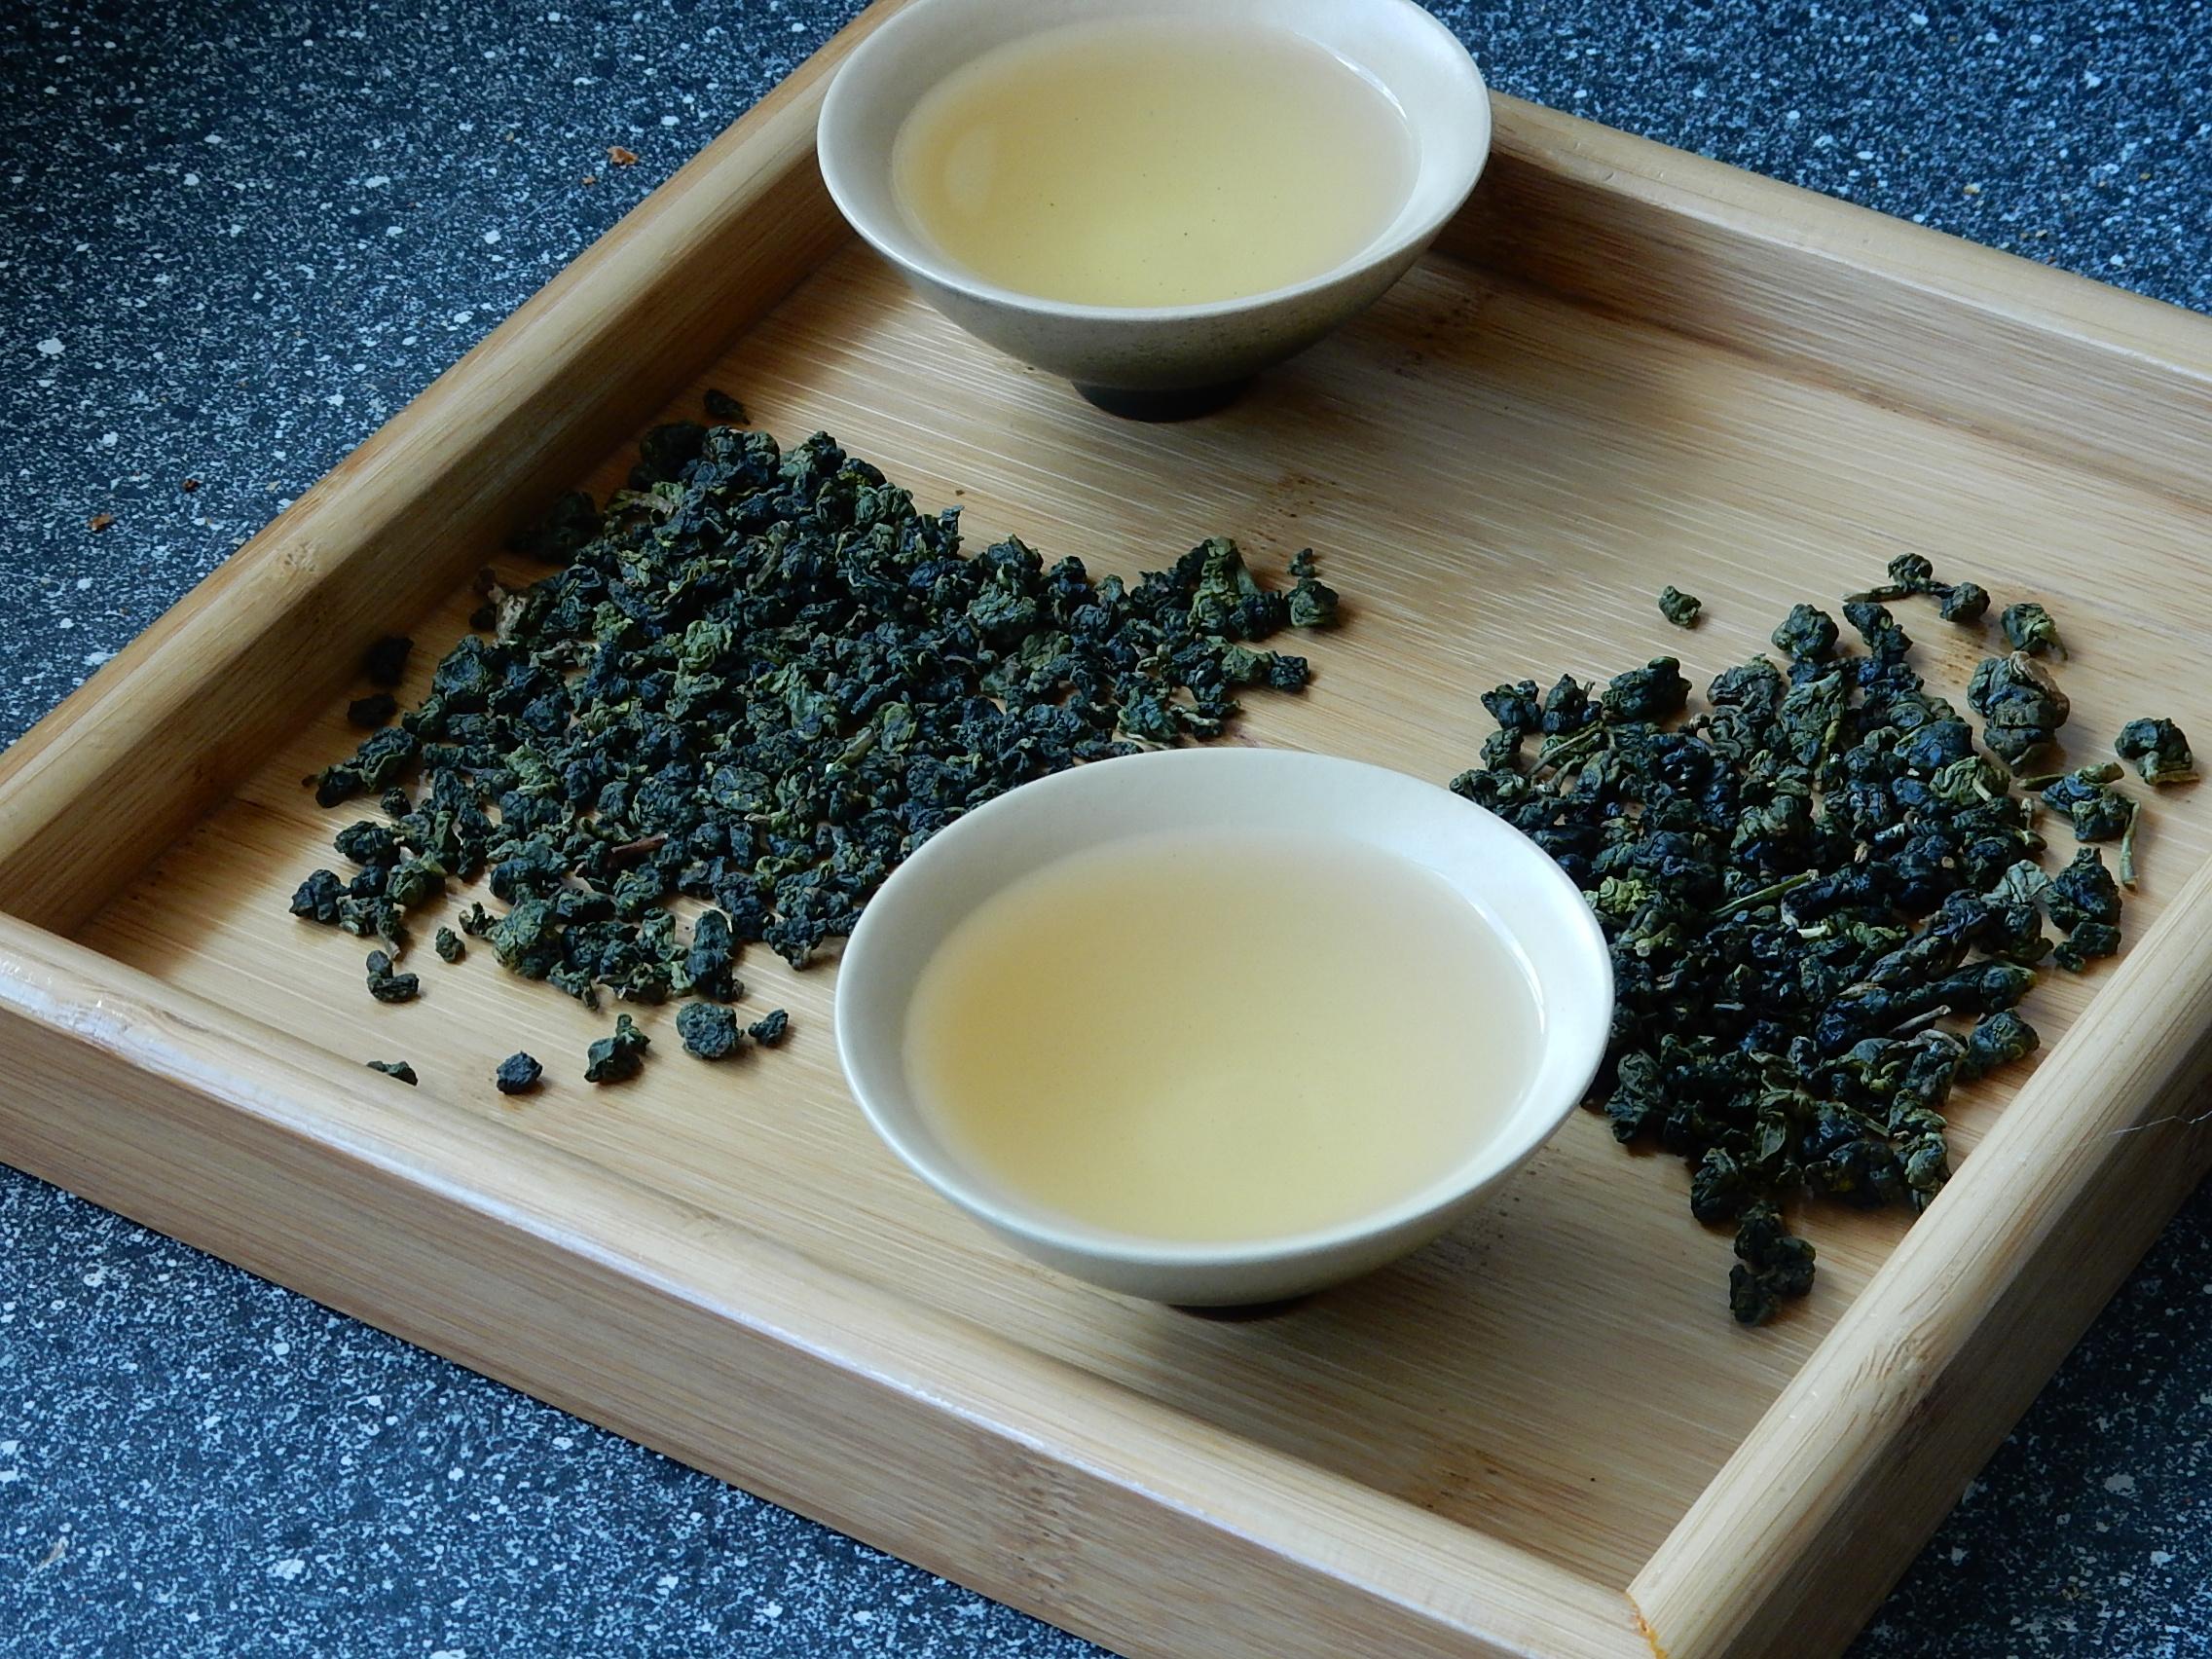 как заваривать чай в заварнике